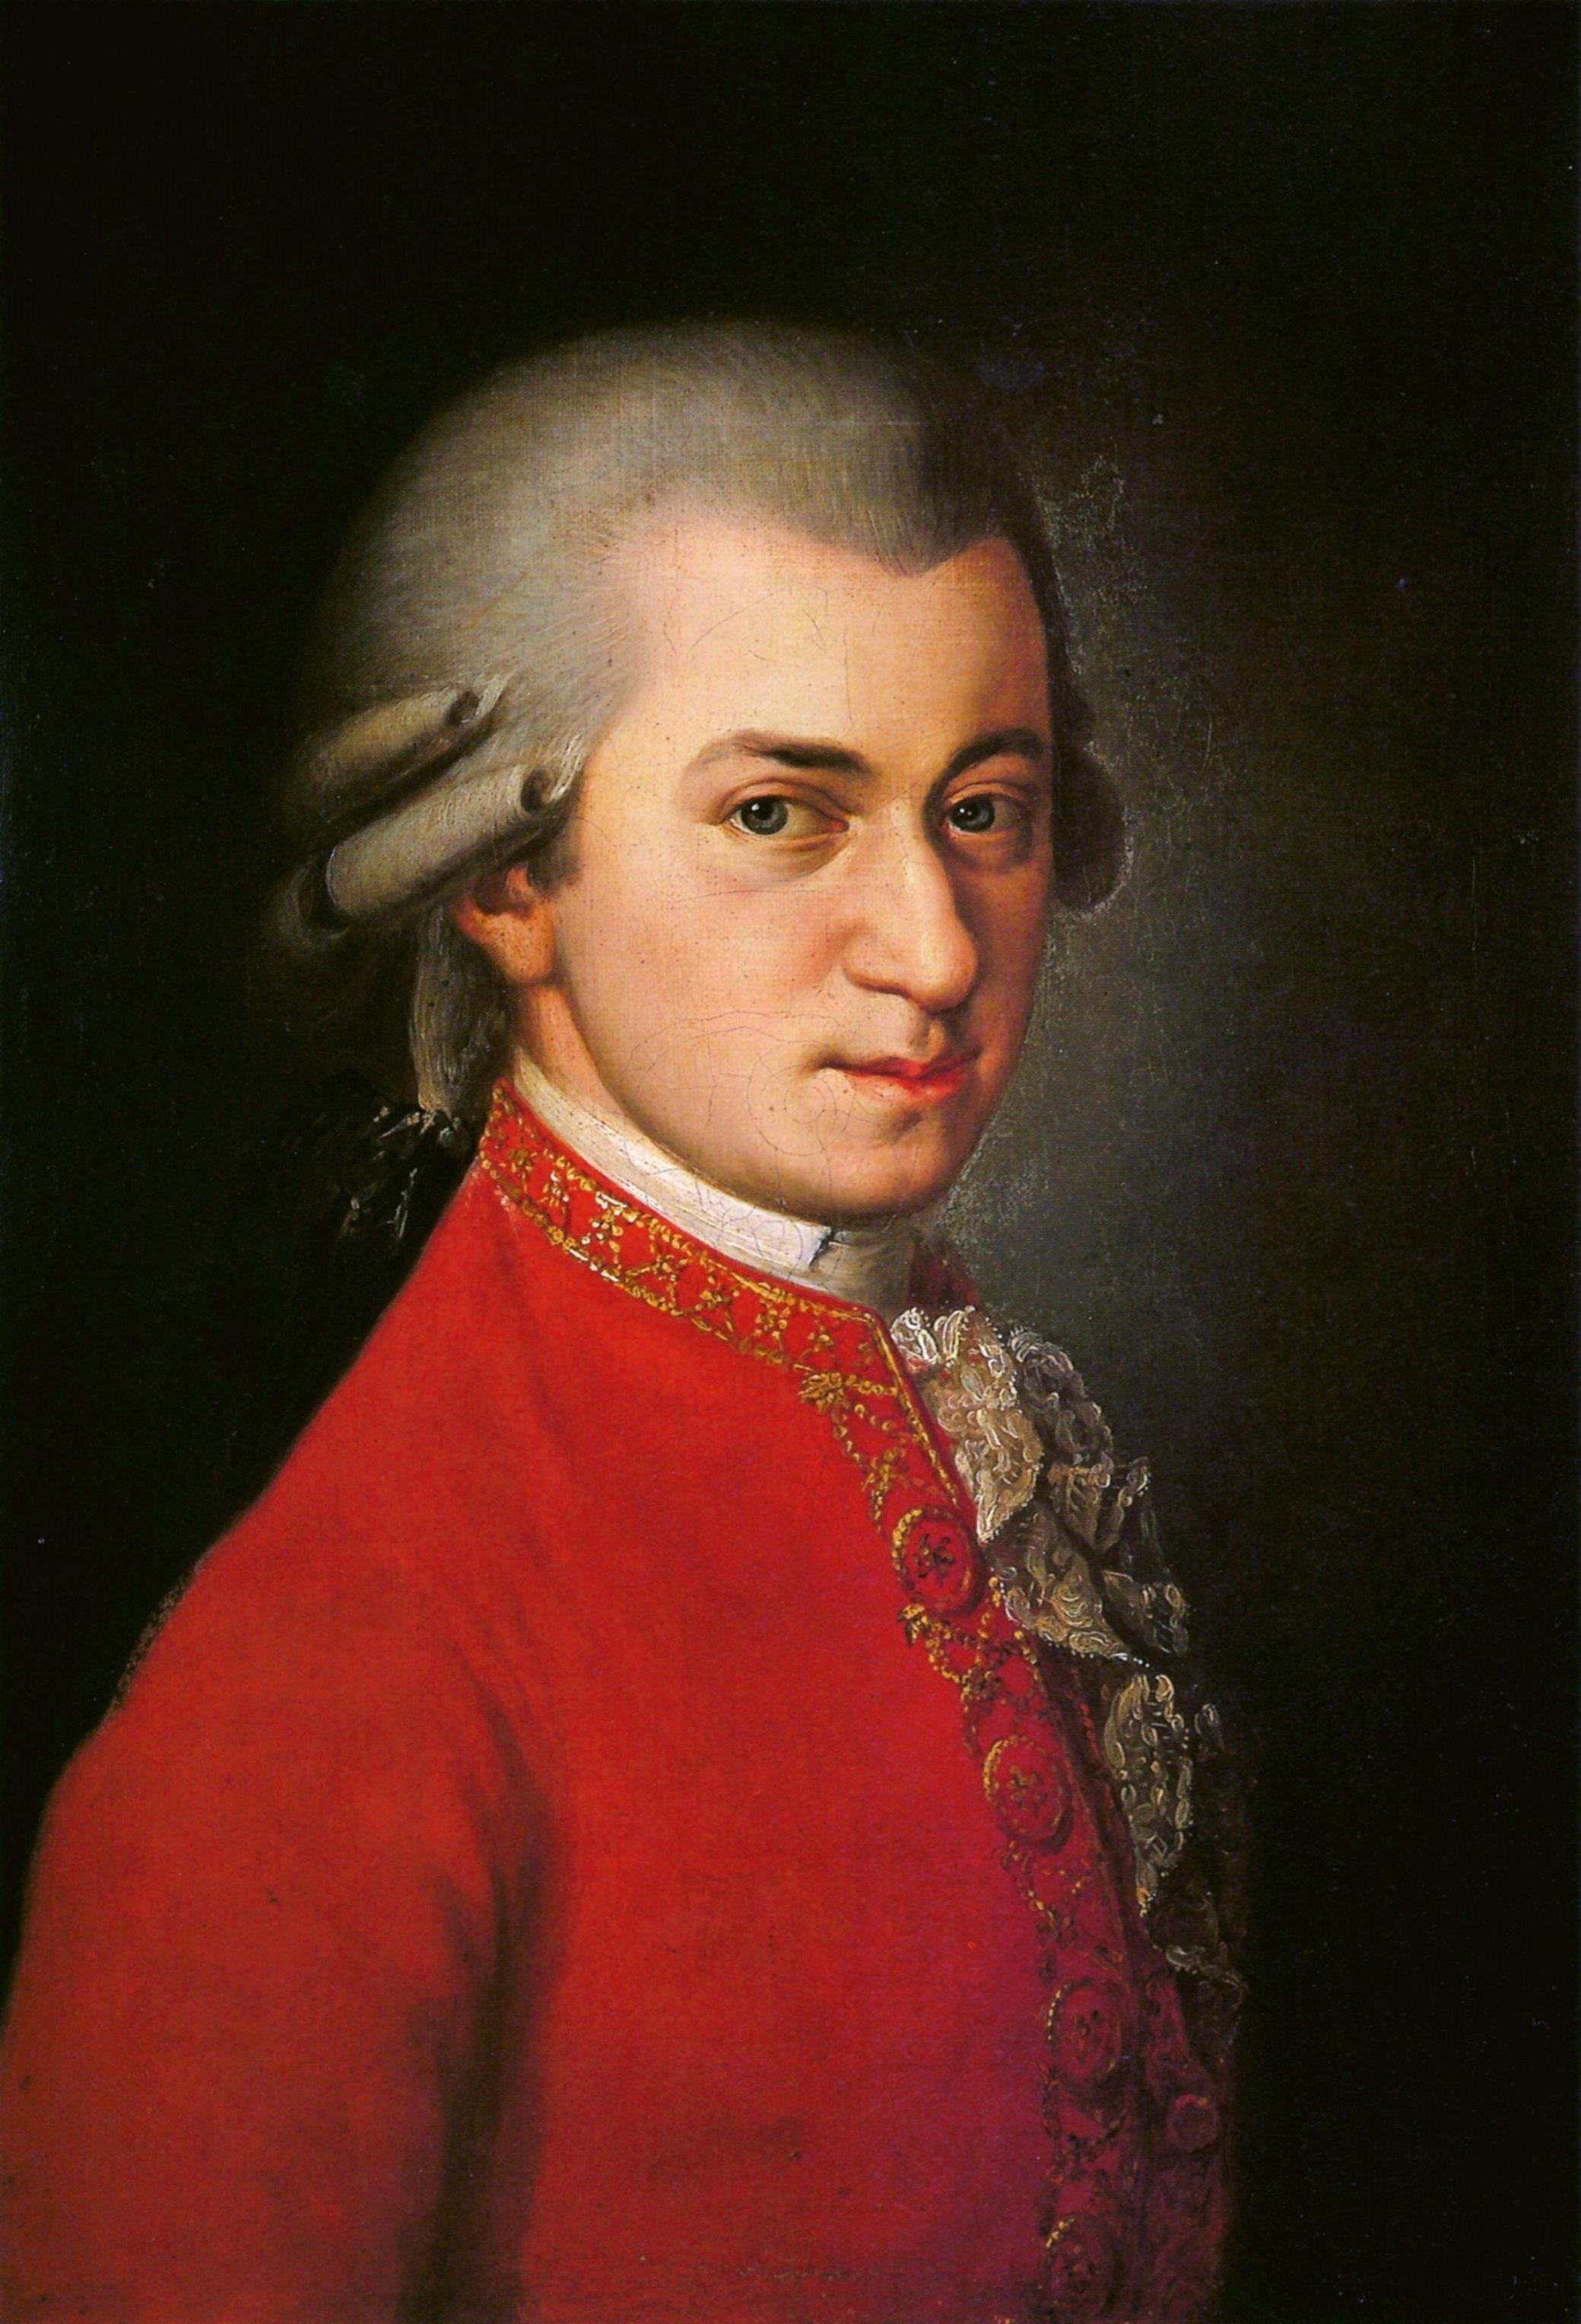 Вольфганг Амадей Моцарт (1756-1791), австрийский композитор